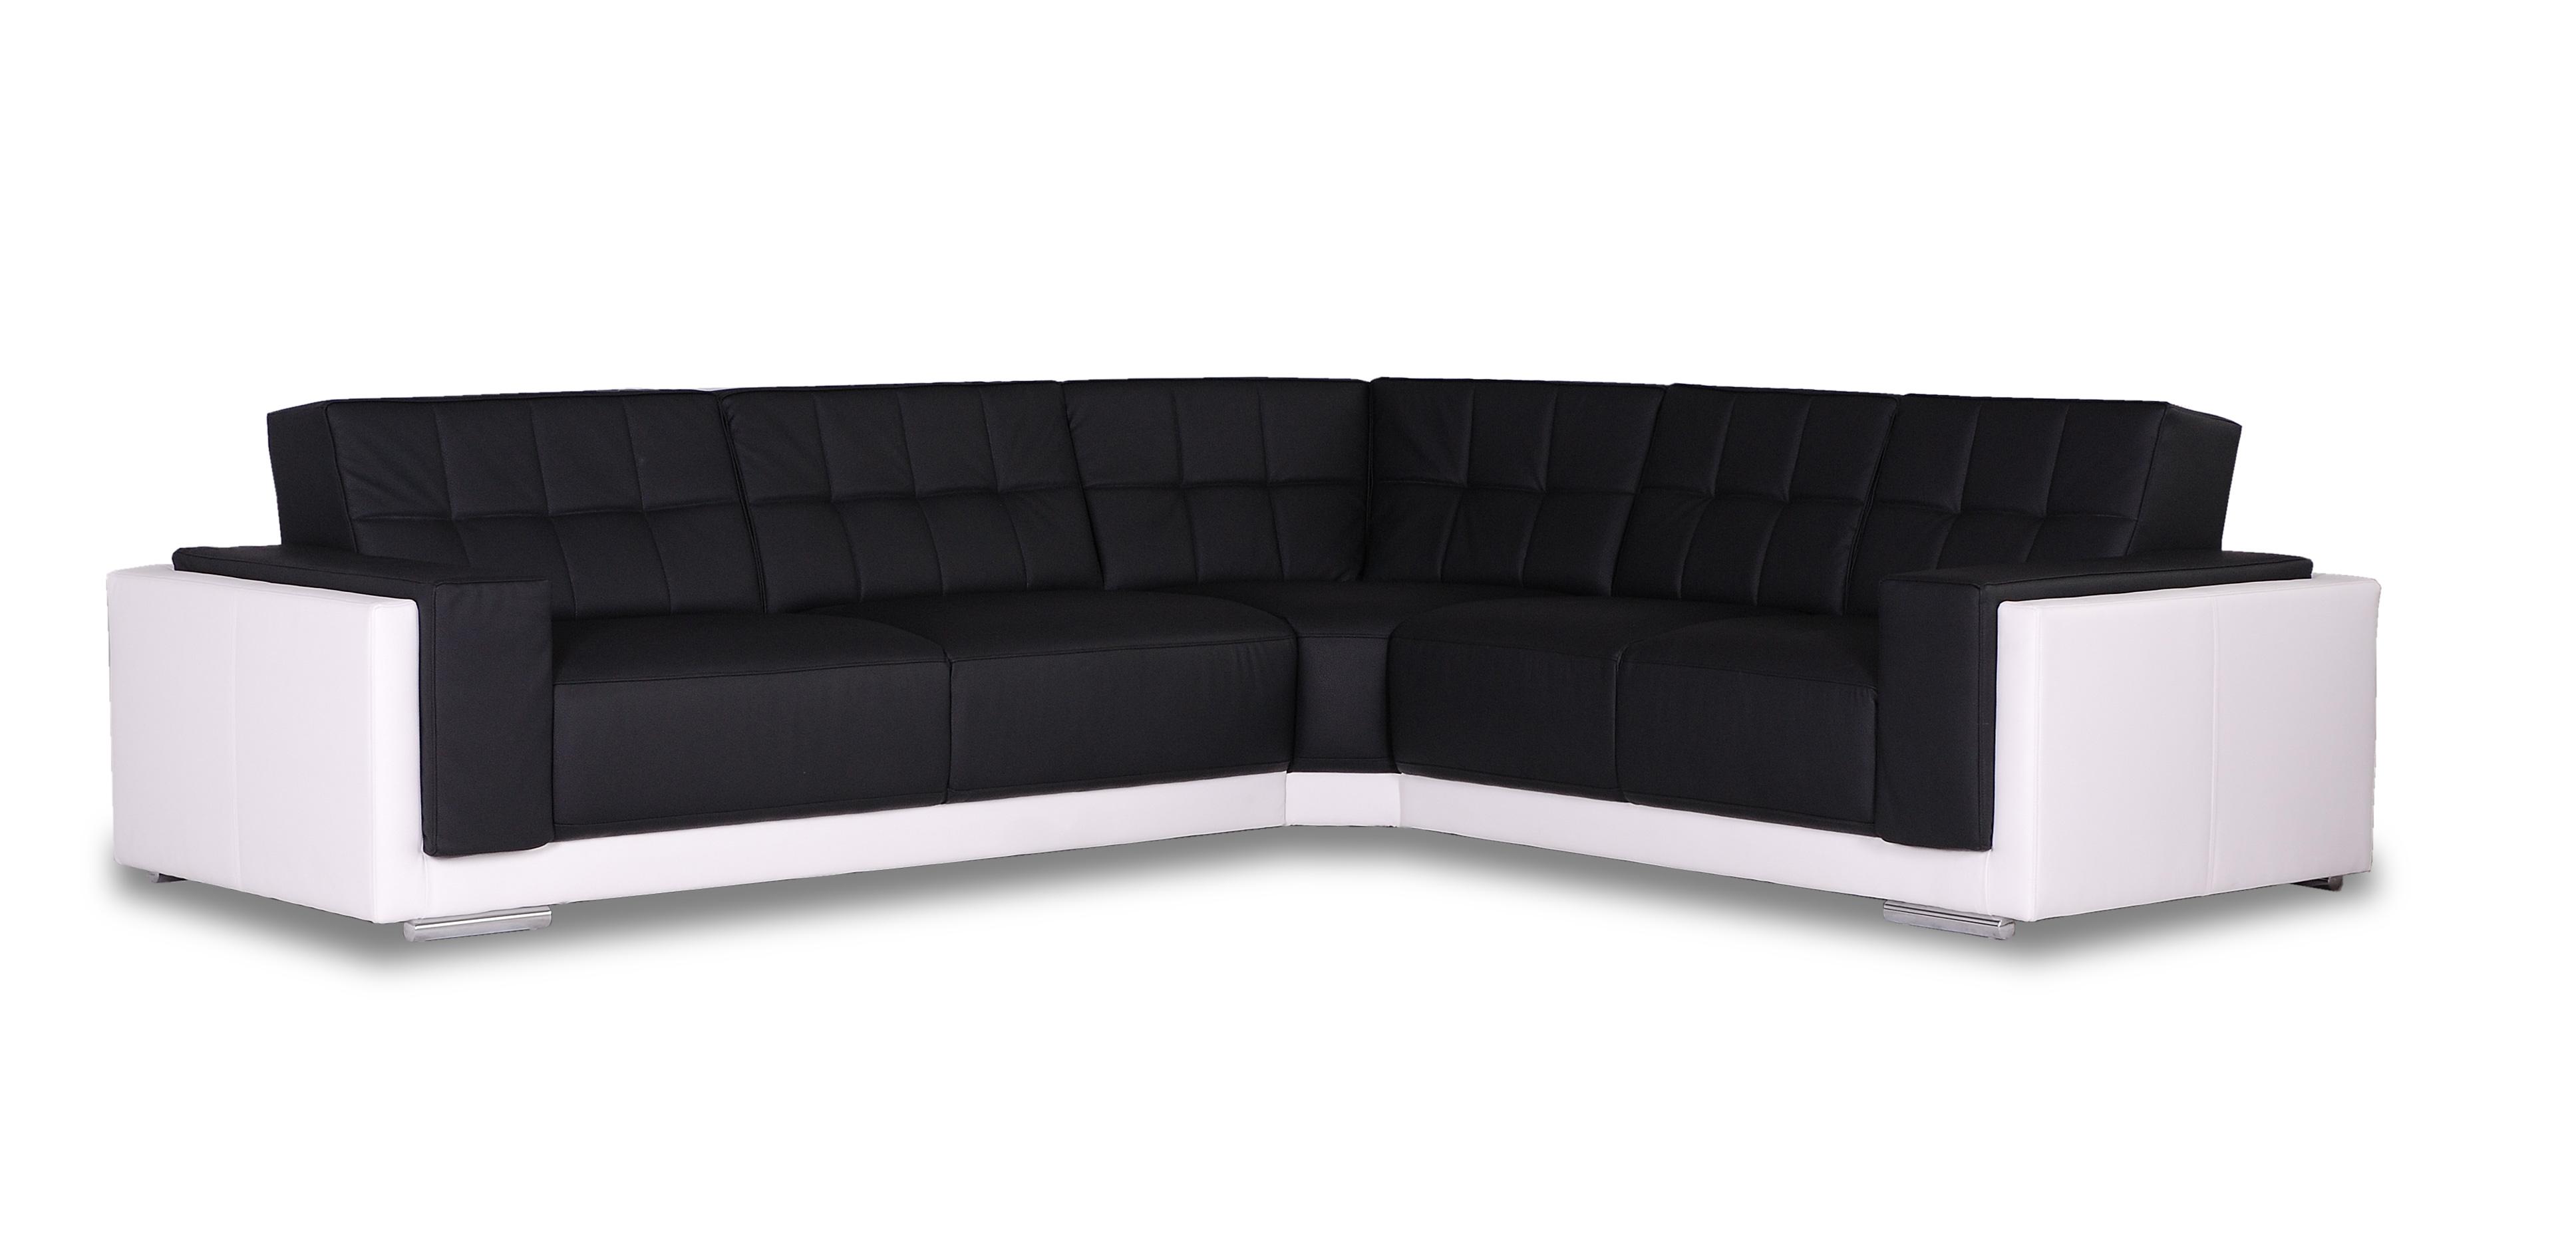 Salon jara meubelen voor thuis salons eetkamers slaapkamers relaxen bedden boxsprings - Deco salon zwart wit ...